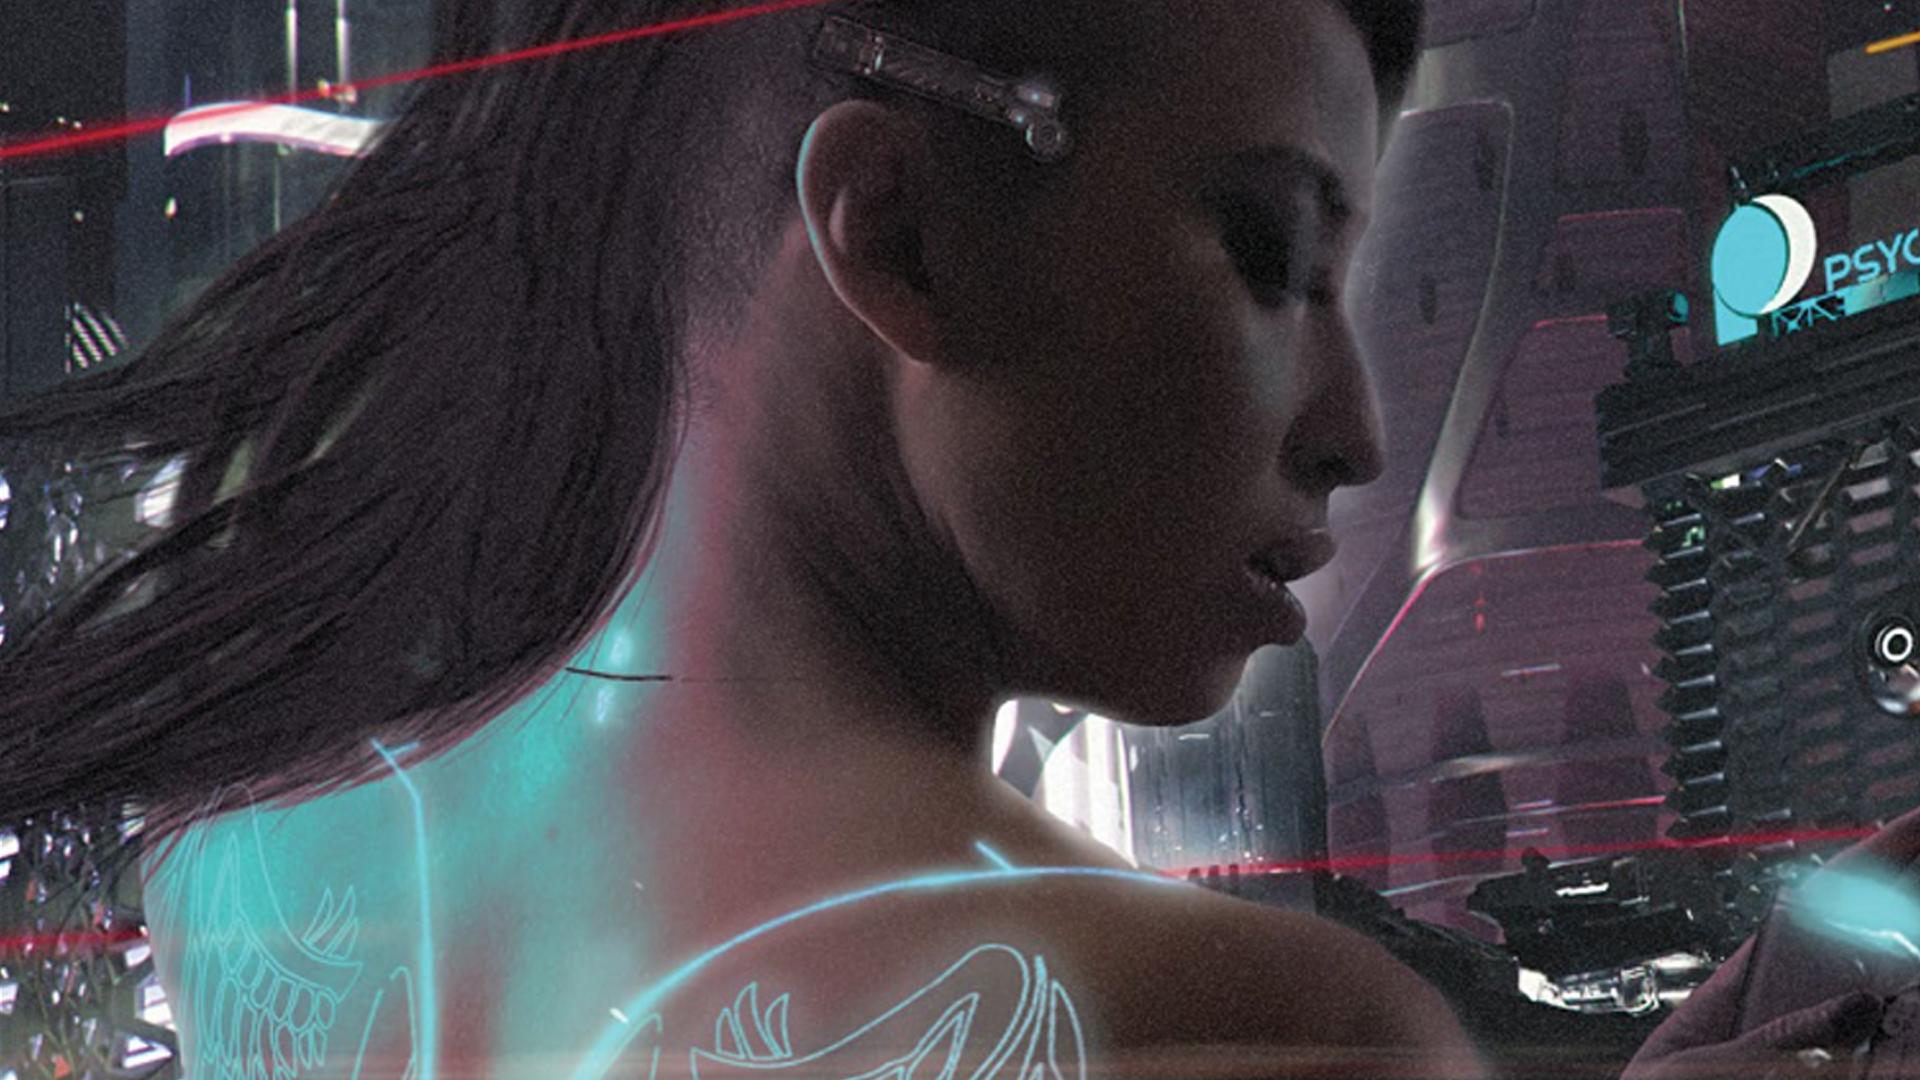 Altered Carbon, a cyberpunk neo-noir RPG, is live on Kickstarter.